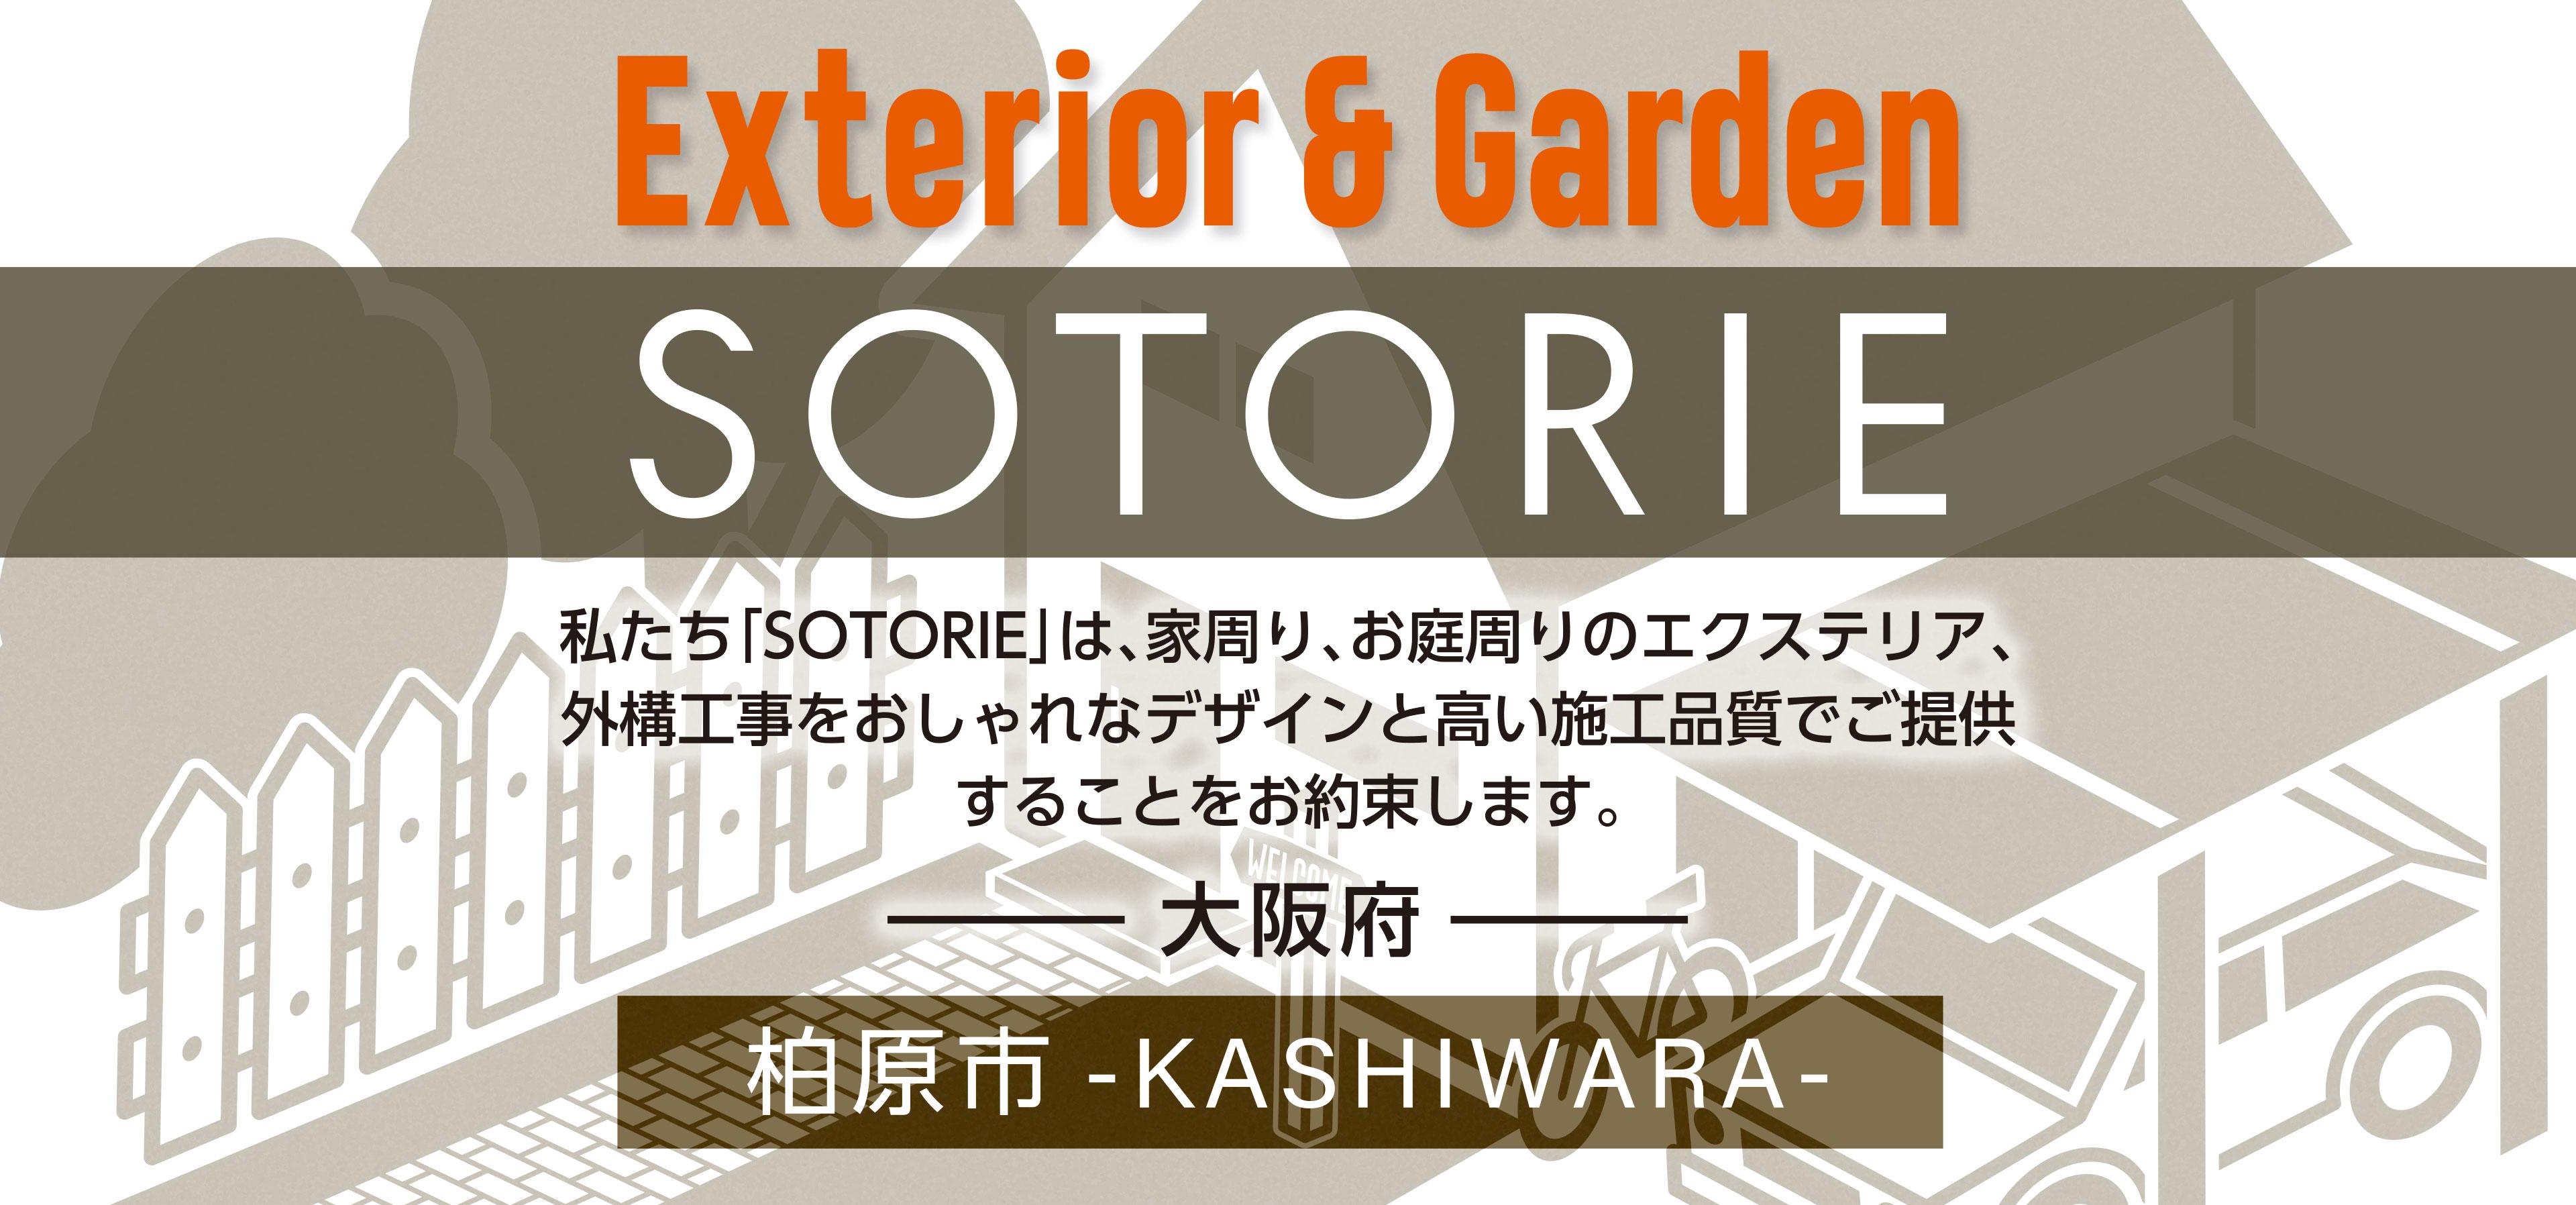 ソトリエ柏原市では、家周りと庭周りの外構、エクステリア工事をおしゃれなデザインと高い施工品質でご提供することをお約束します。